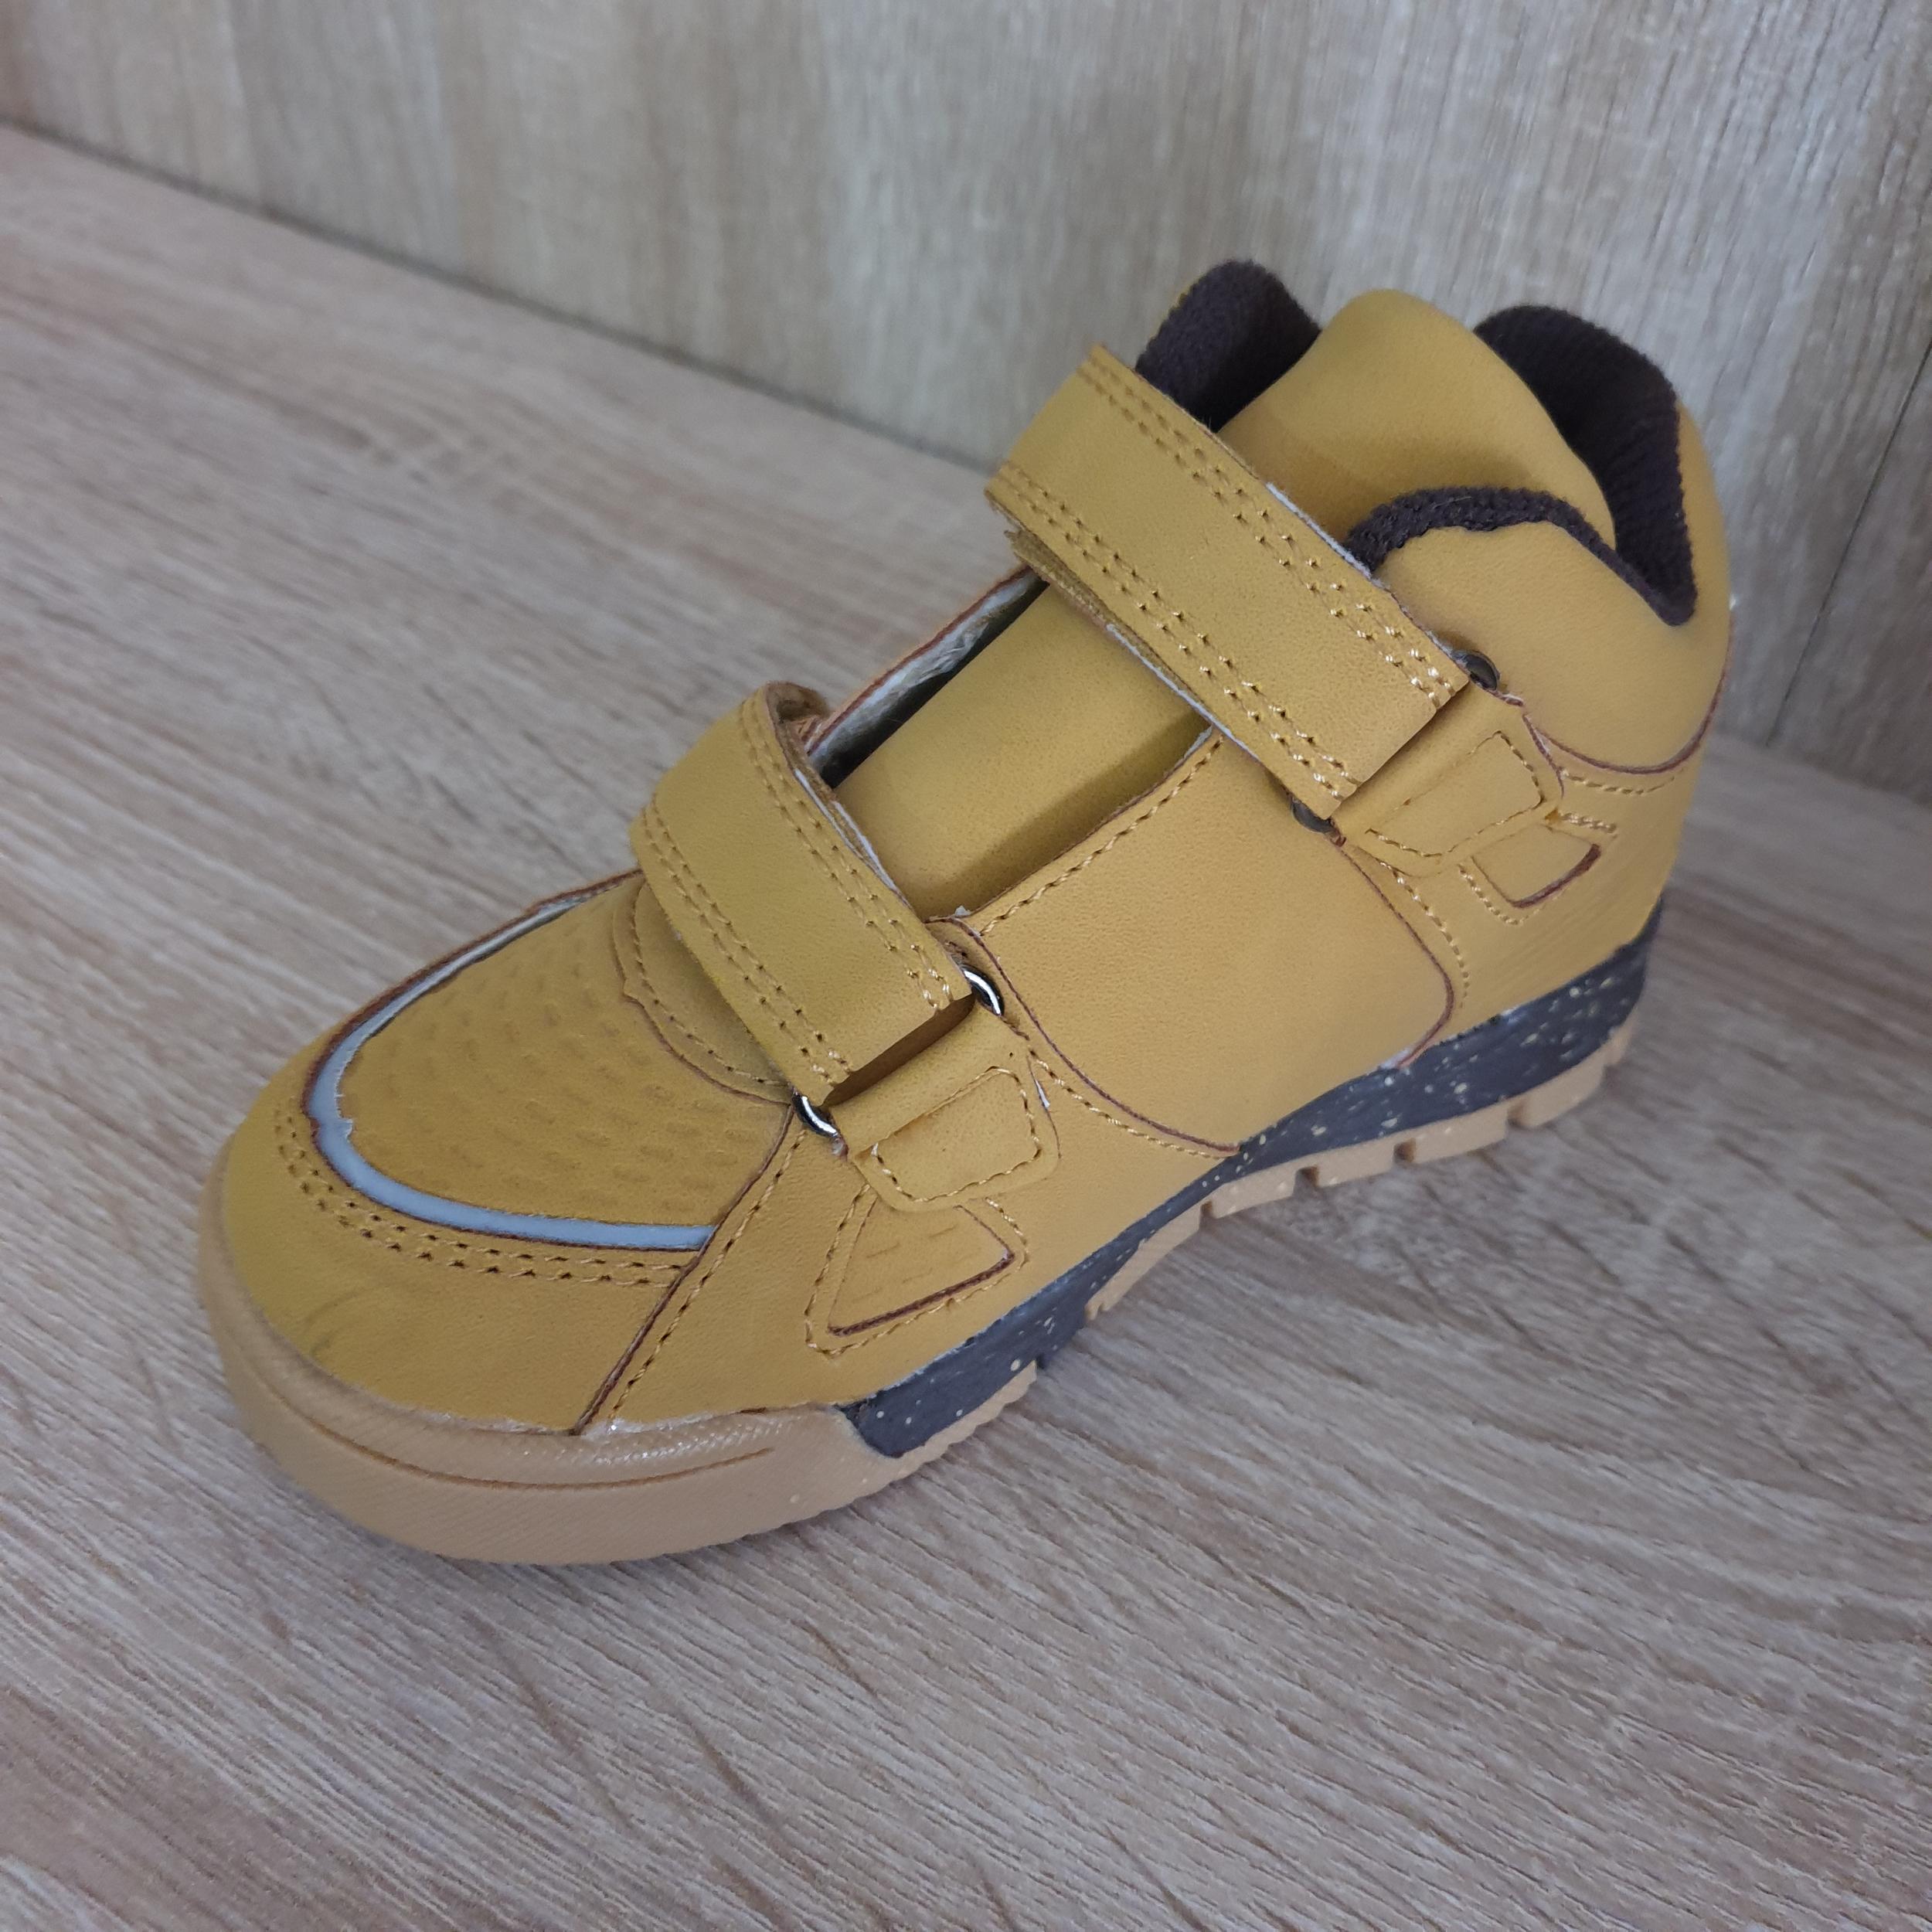 17111147.Chaussure.enfant.Camel